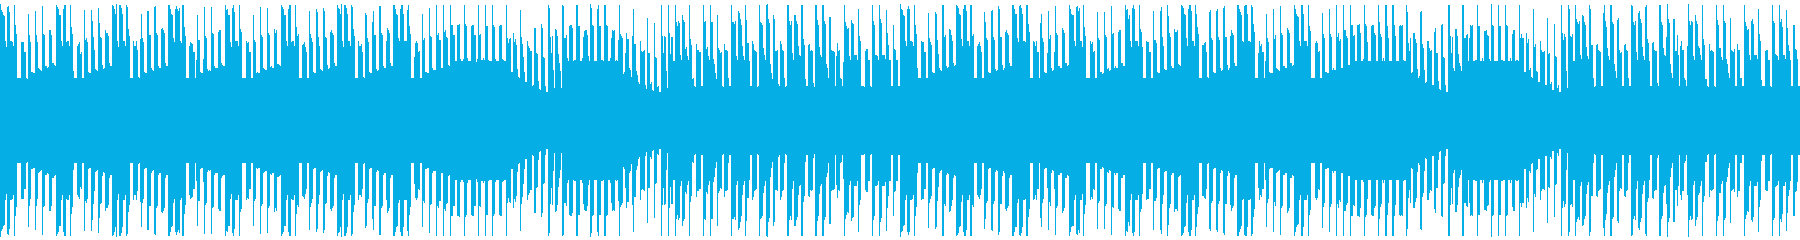 FC風ループ 朽ちた梯子の再生済みの波形